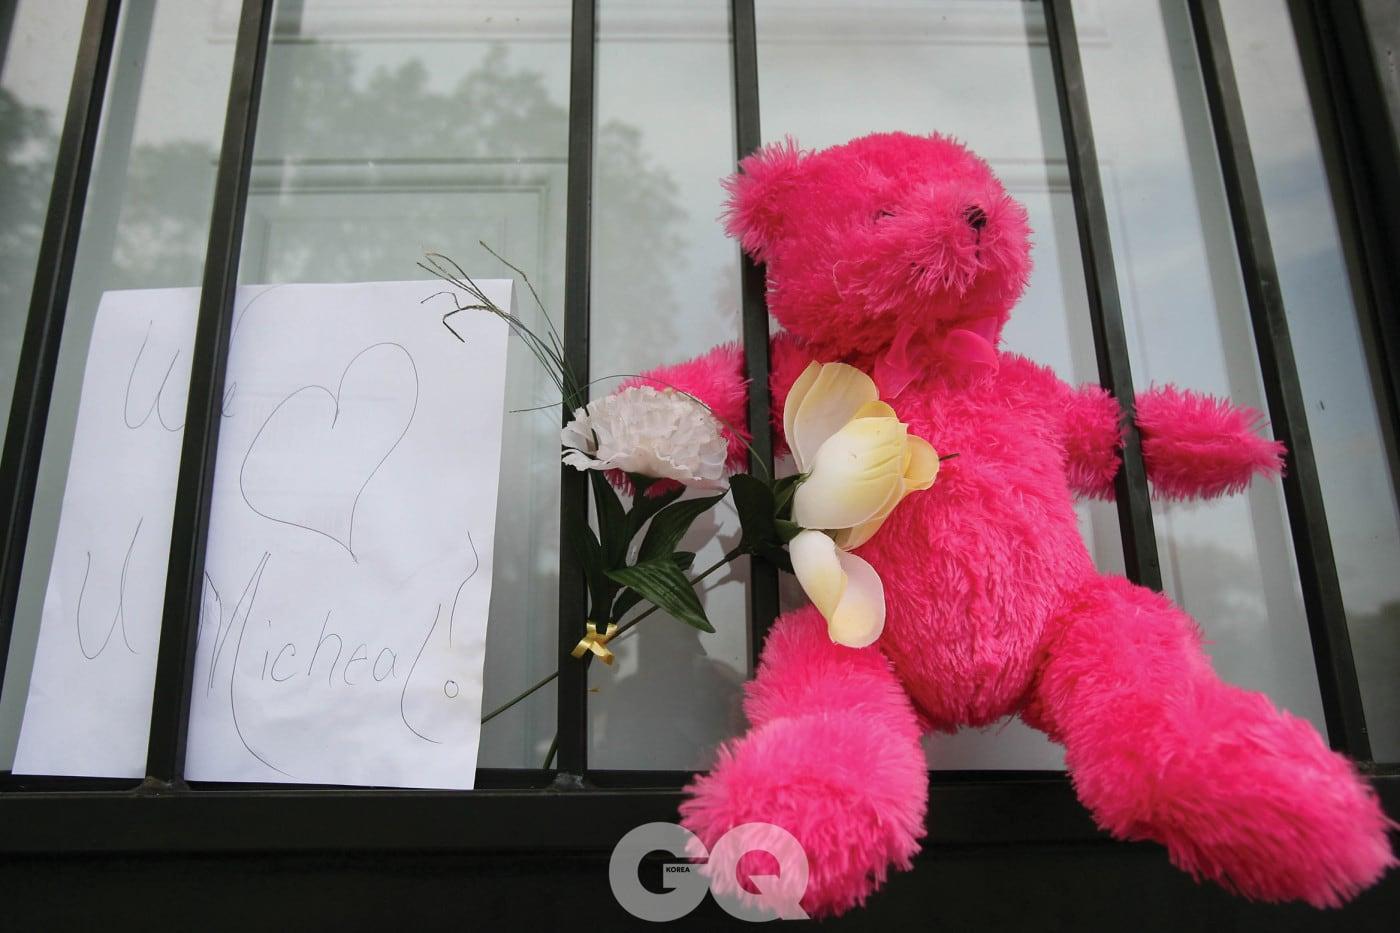 마이클 잭슨의 죽음을 애도하는 뜻으로 걸어놓은 핑크 테디 베어.